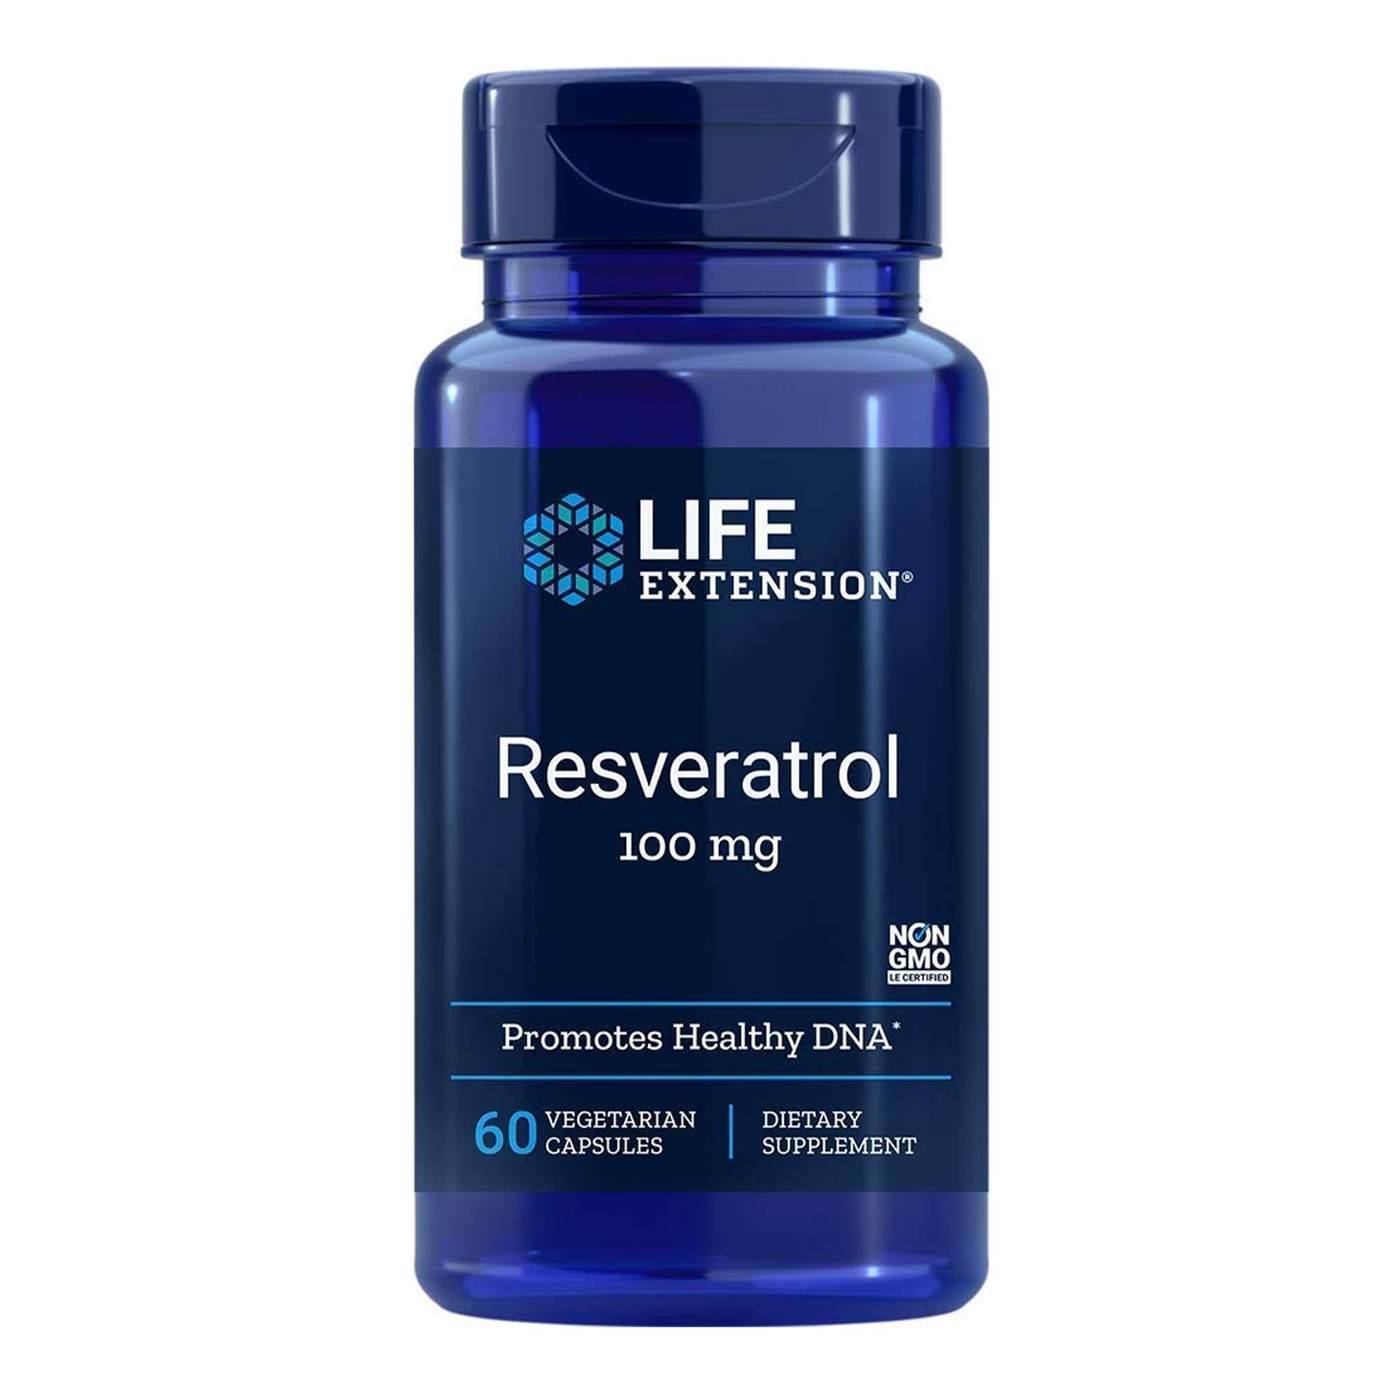 Life Extension Resveratrol 100 Mg 60 Vegetarian Capsules